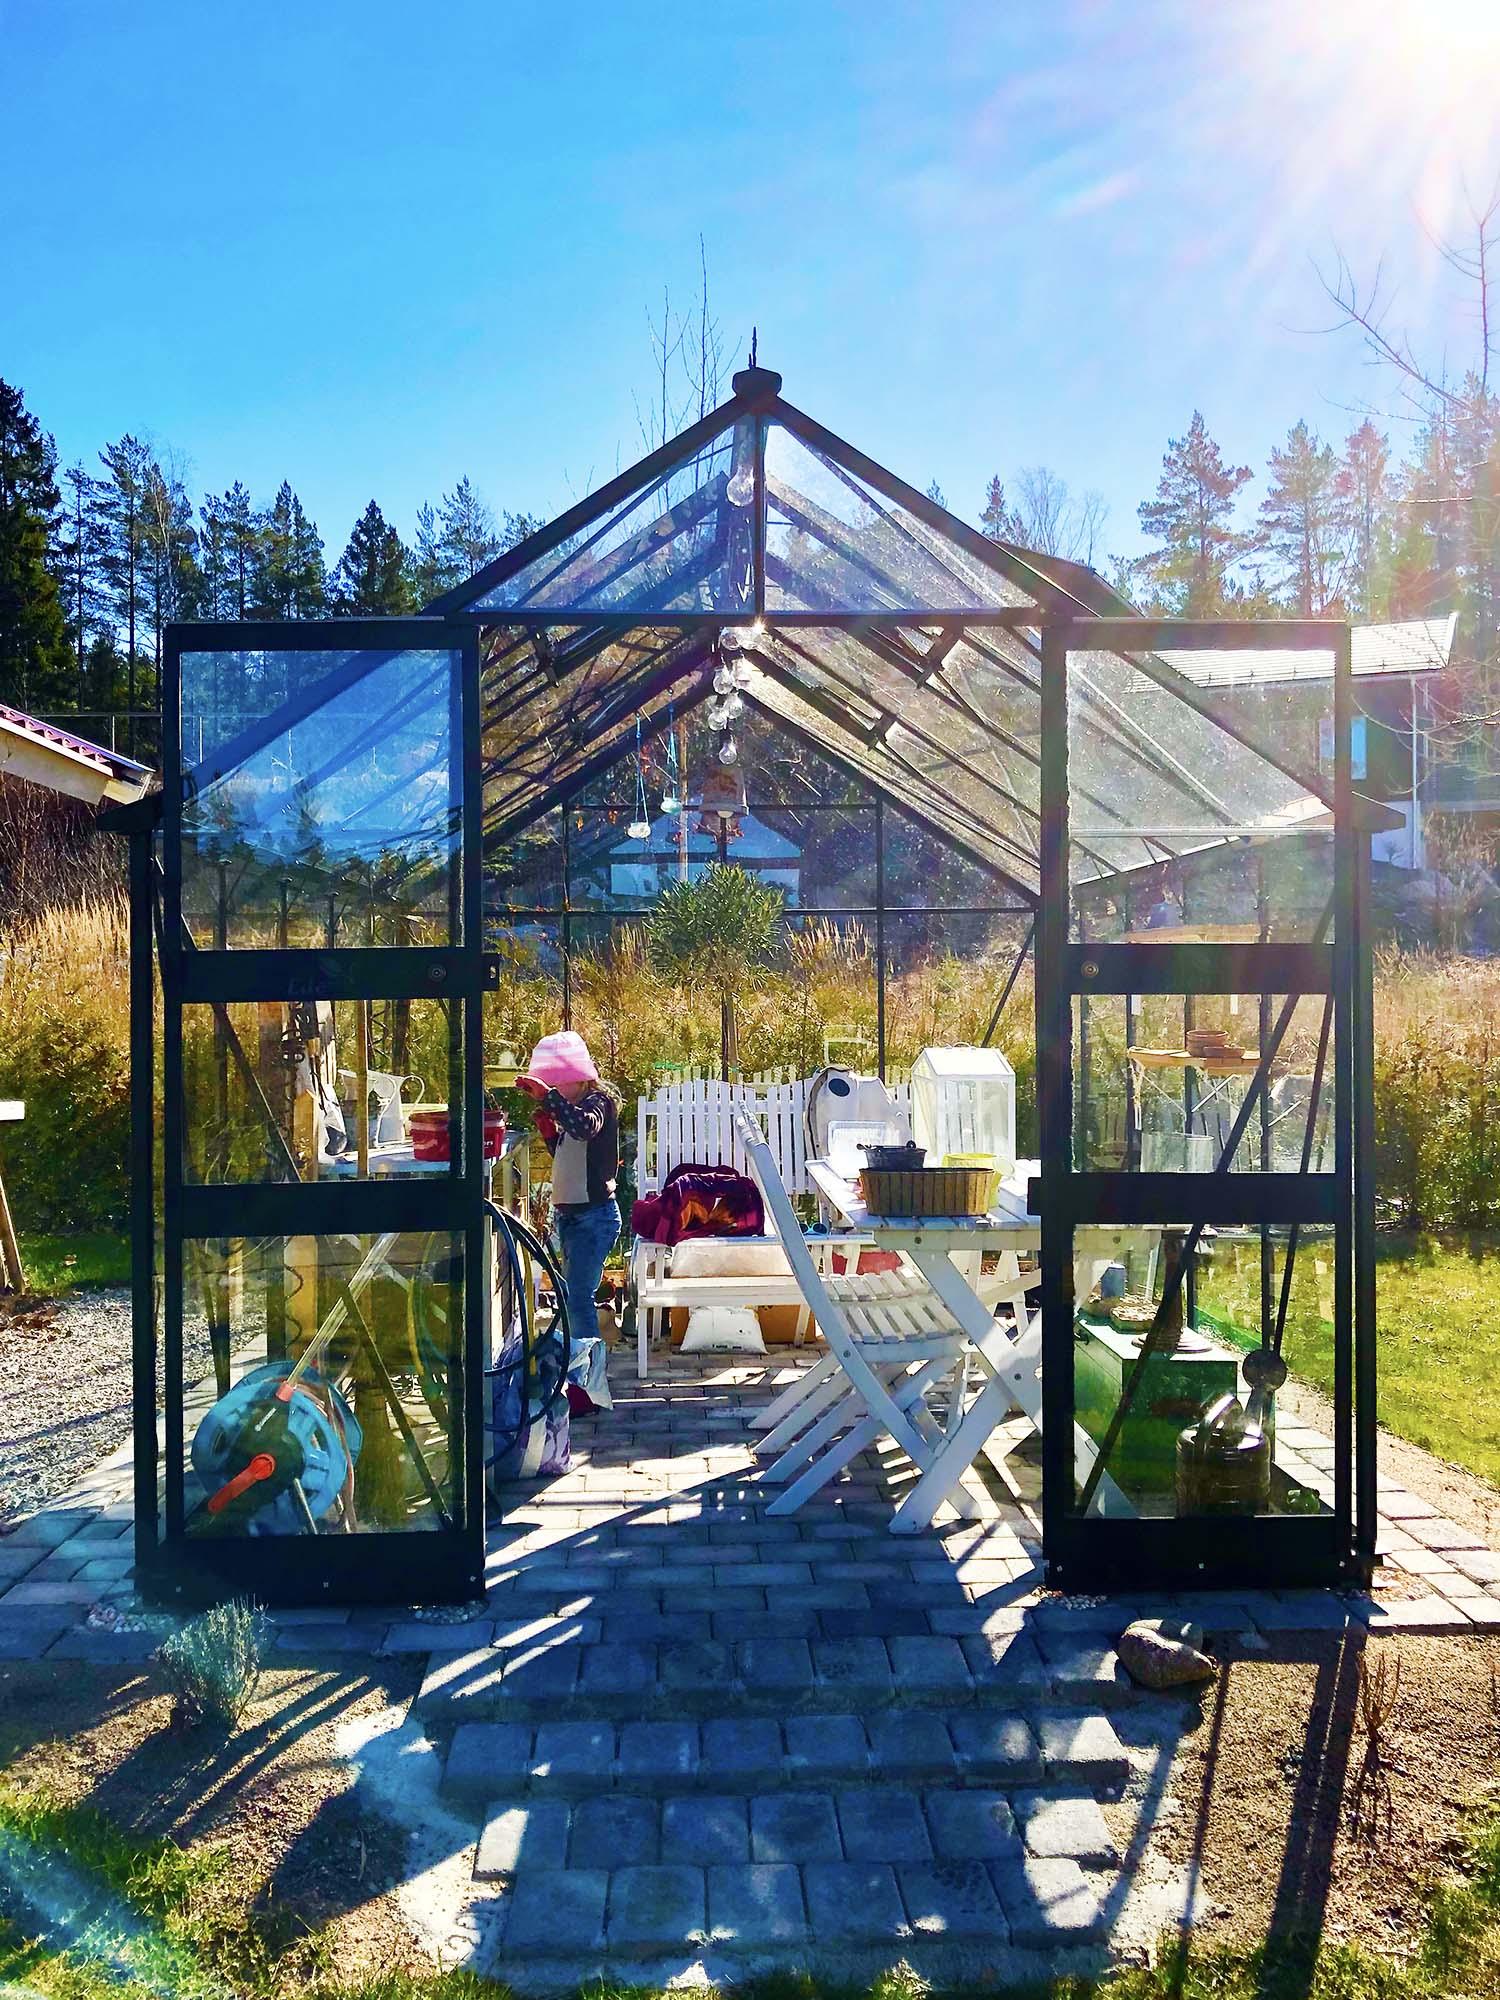 förodla tomatplantor i växthus